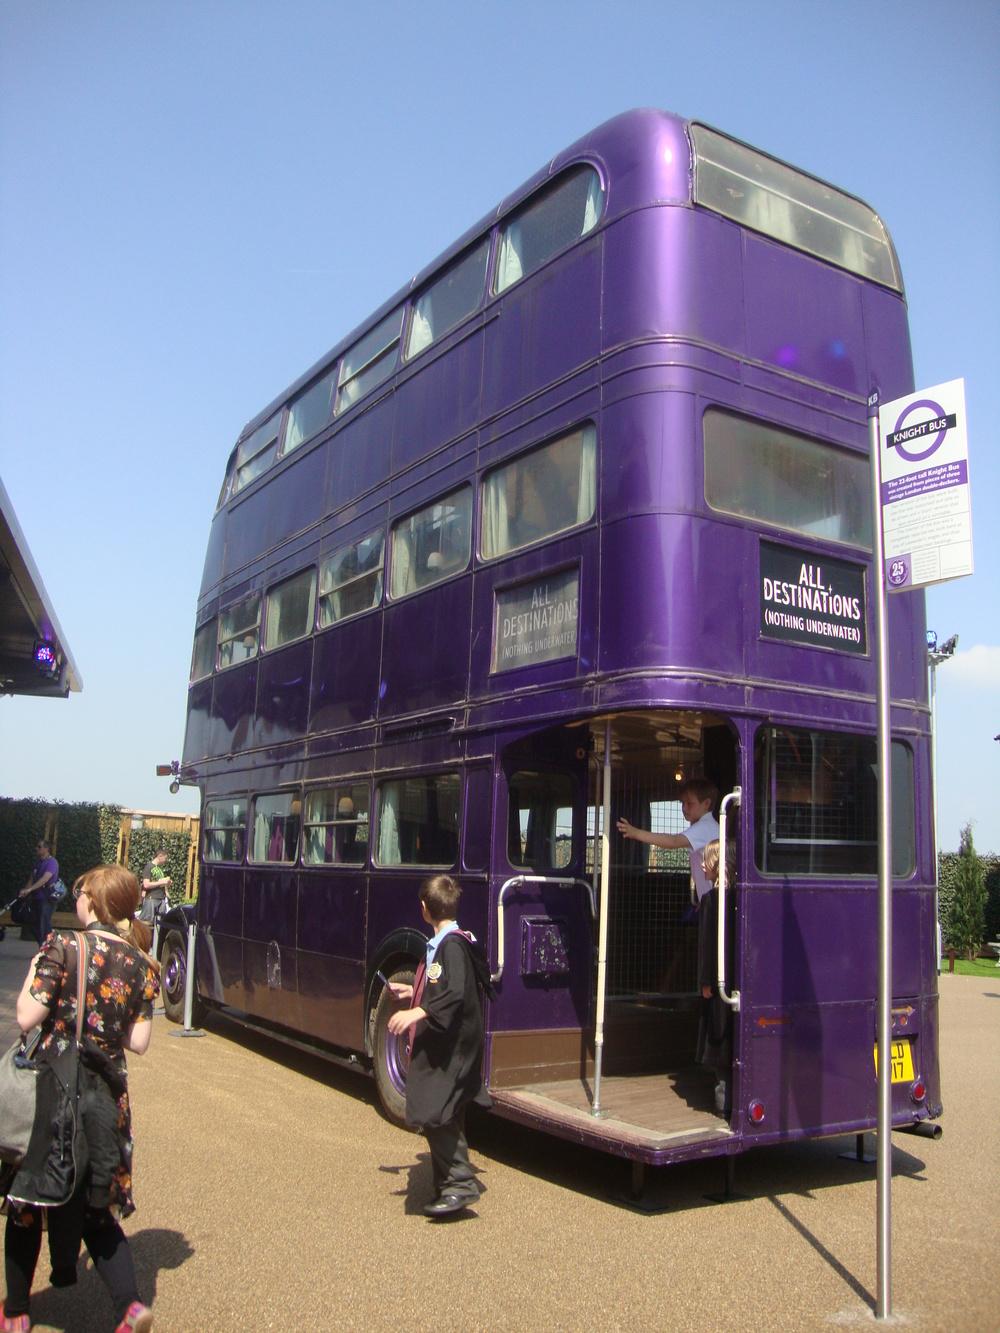 Zadní pohled na autobus, jenž vznikl z celkem tří vozů AEC Regent III RT. (zdroj: englandexpedition.com)